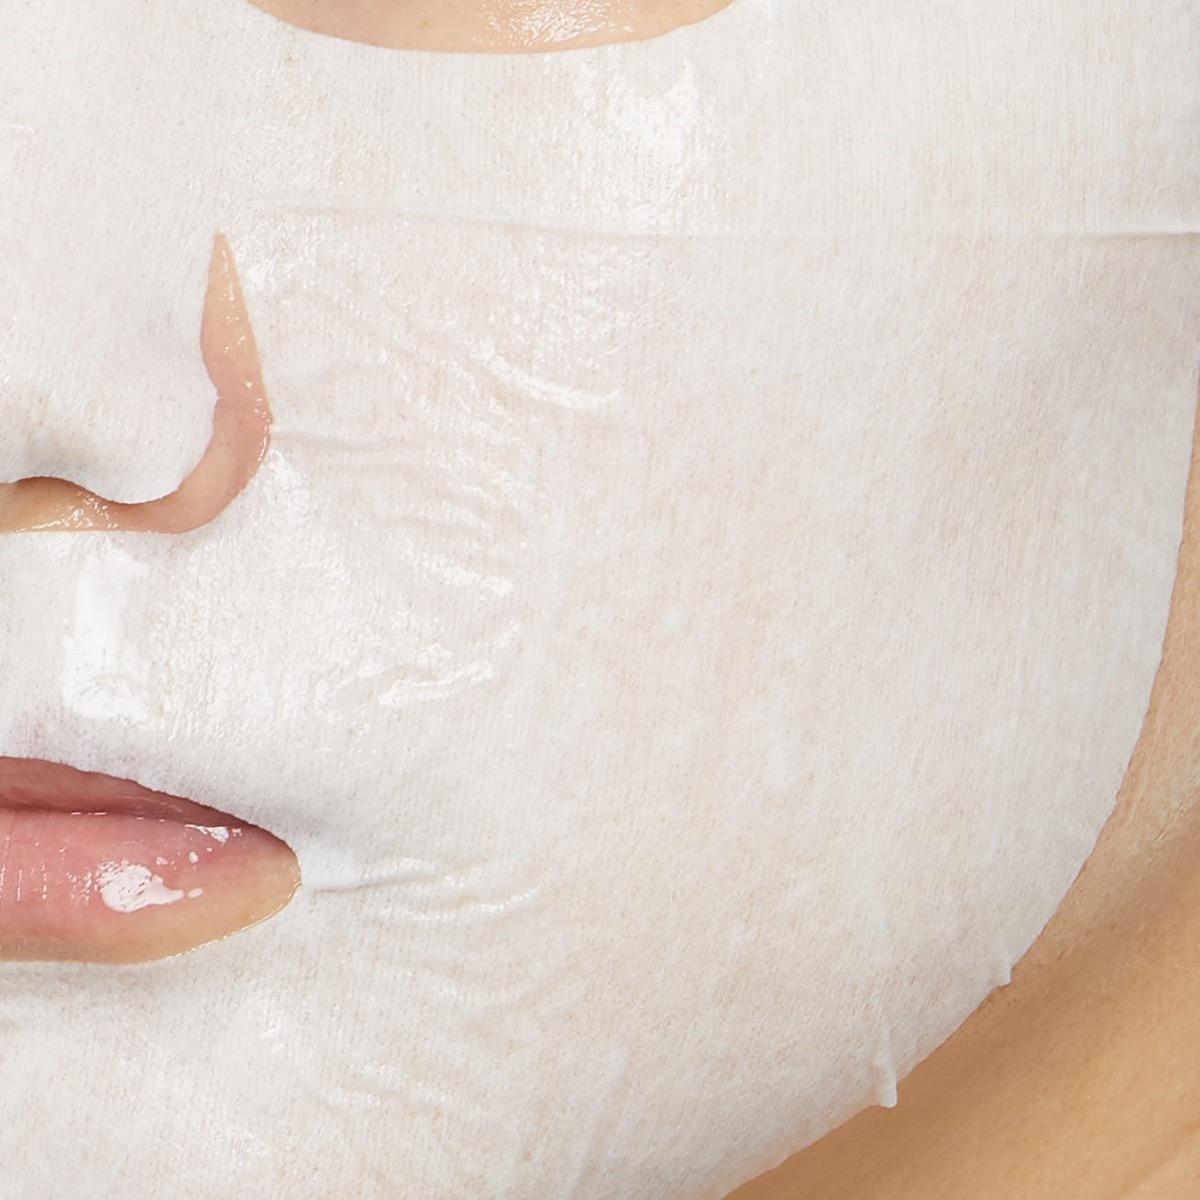 ABIB(アビブ)『ガム シートマスク ヒアルロン酸』の使用感をレポに関する画像7